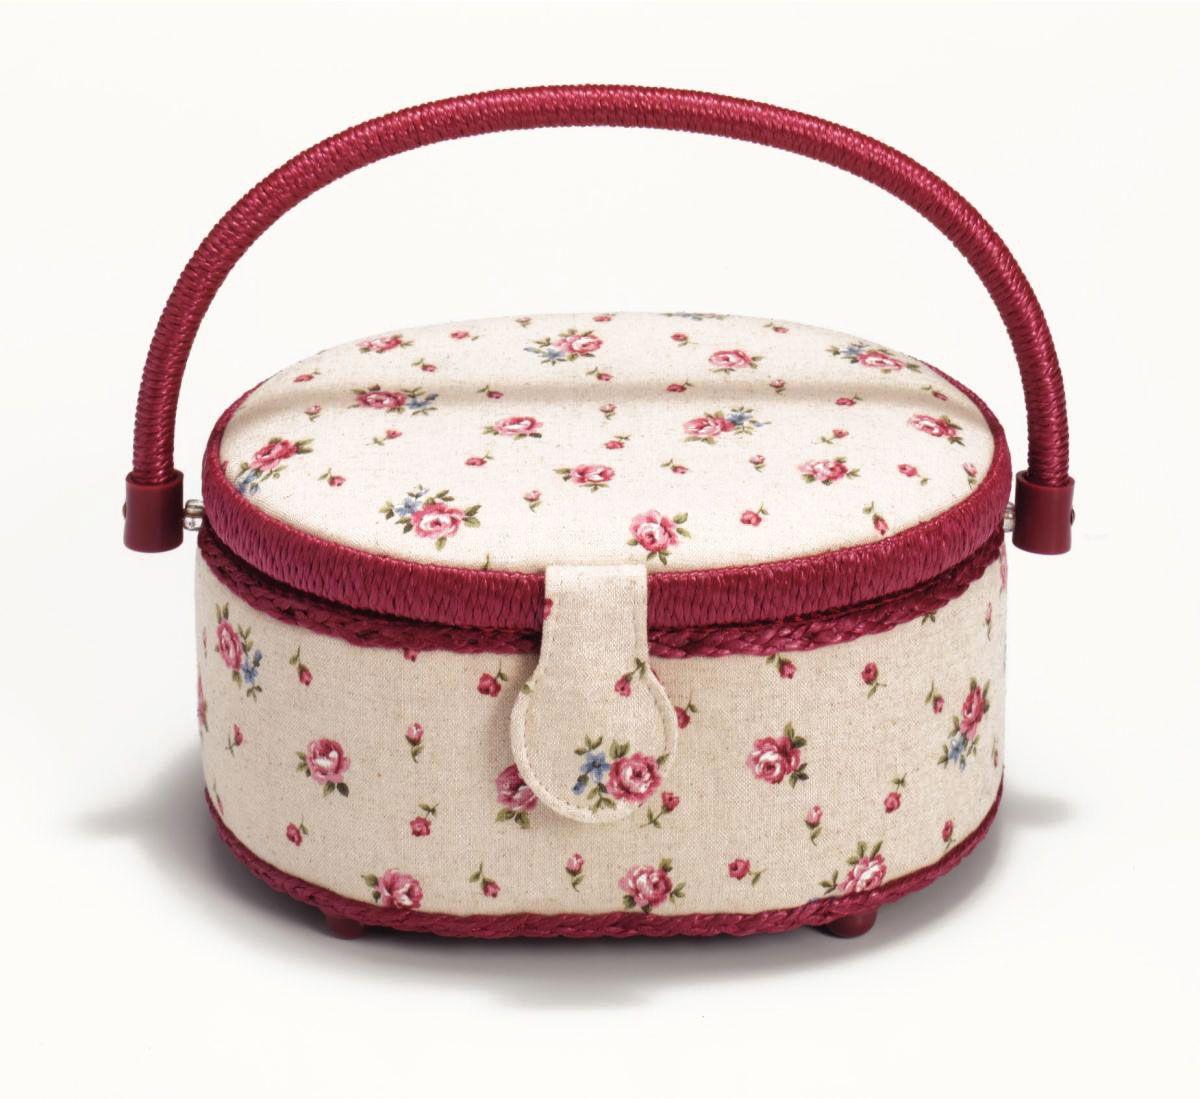 Шкатулка для рукоделия Prym Страна роз, 23 х 18 см612139Шкатулка Весна в Париже изготовлена из МДФ, картона и холщовой ткани и оснащена крышкой. Изделие декорировано изображением цветов. Крышка закрывается на магнитный замок.Изящная шкатулка с ярким дизайном предназначена для хранения мелочей, принадлежностей для шитья и творчества и других аксессуаров. Она красивооформит интерьер комнаты и поможет хранить ваши вещи в порядке. Размер шкатулки: 23 х 18 см.